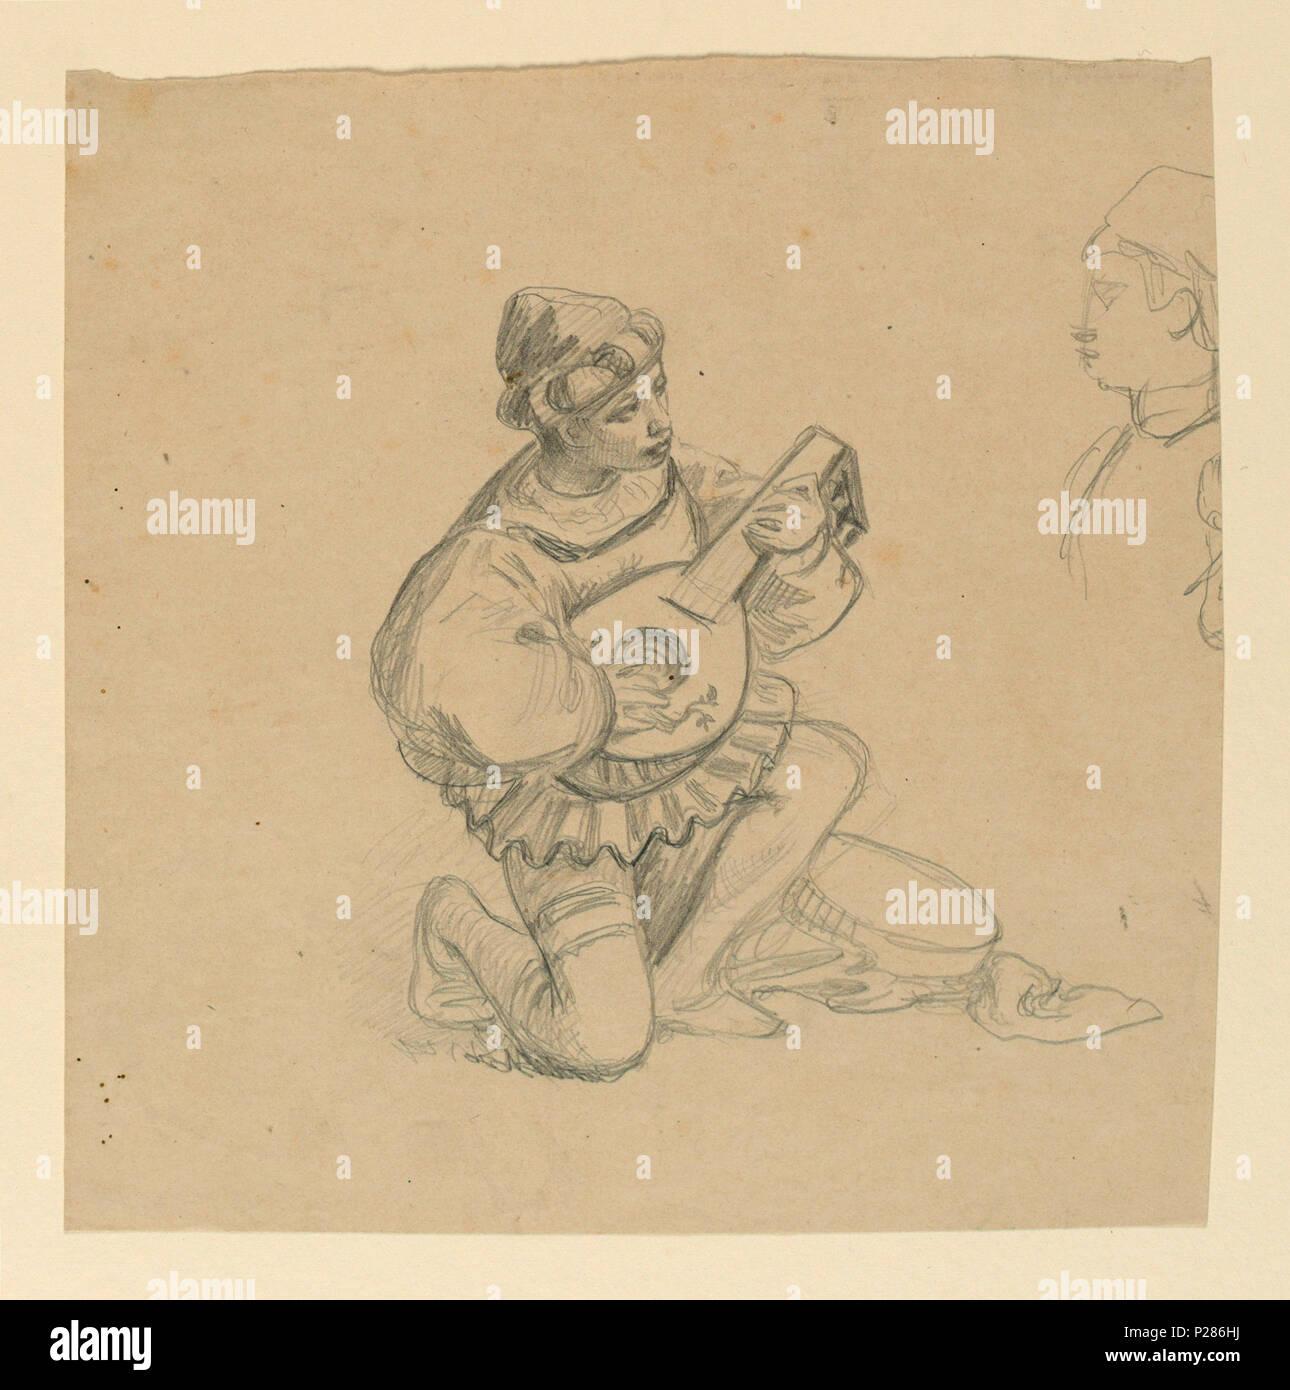 . Englisch: Zeichnung, Junge spielt eine Laute, Ca. 1890. Englisch: horizontale Rechteck. In voller Länge Abbildung eines Jungen, sein rechtes Knie gebogen und spielte die Laute. Profil von einem jungen, teilweise gesehen, rechts. . Ca. 1890 99 Zeichnung, Junge spielt eine Laute, Ca. 1890 (CH) 18404405 Stockbild